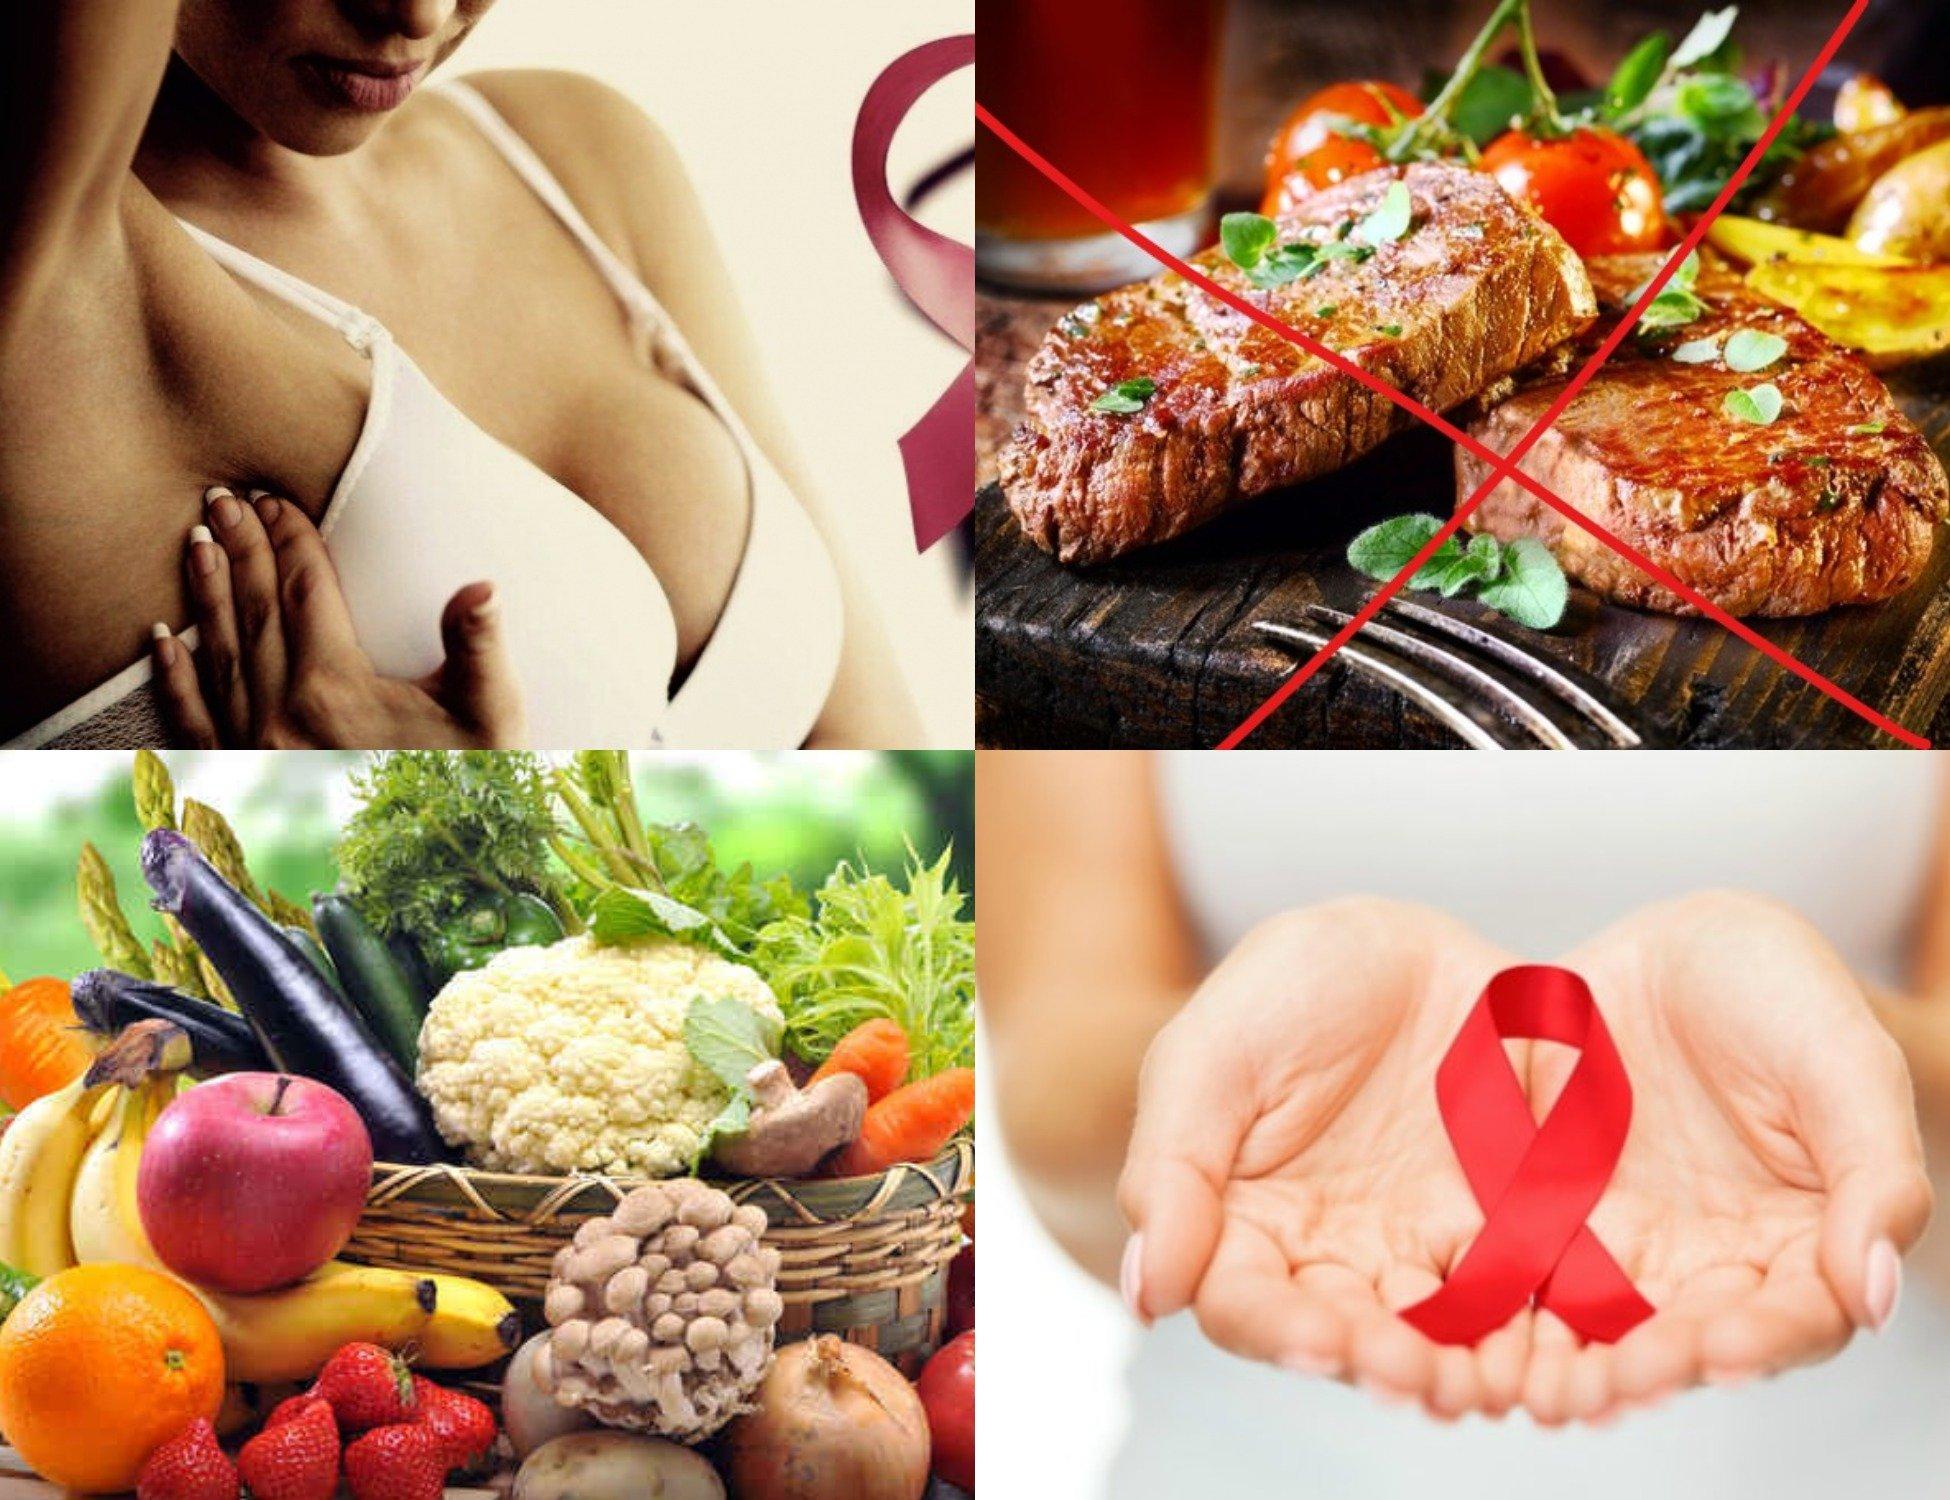 Мастопатия Молочных Желез Диета. Насколько кропотливая должна быть диета при мастопатии?